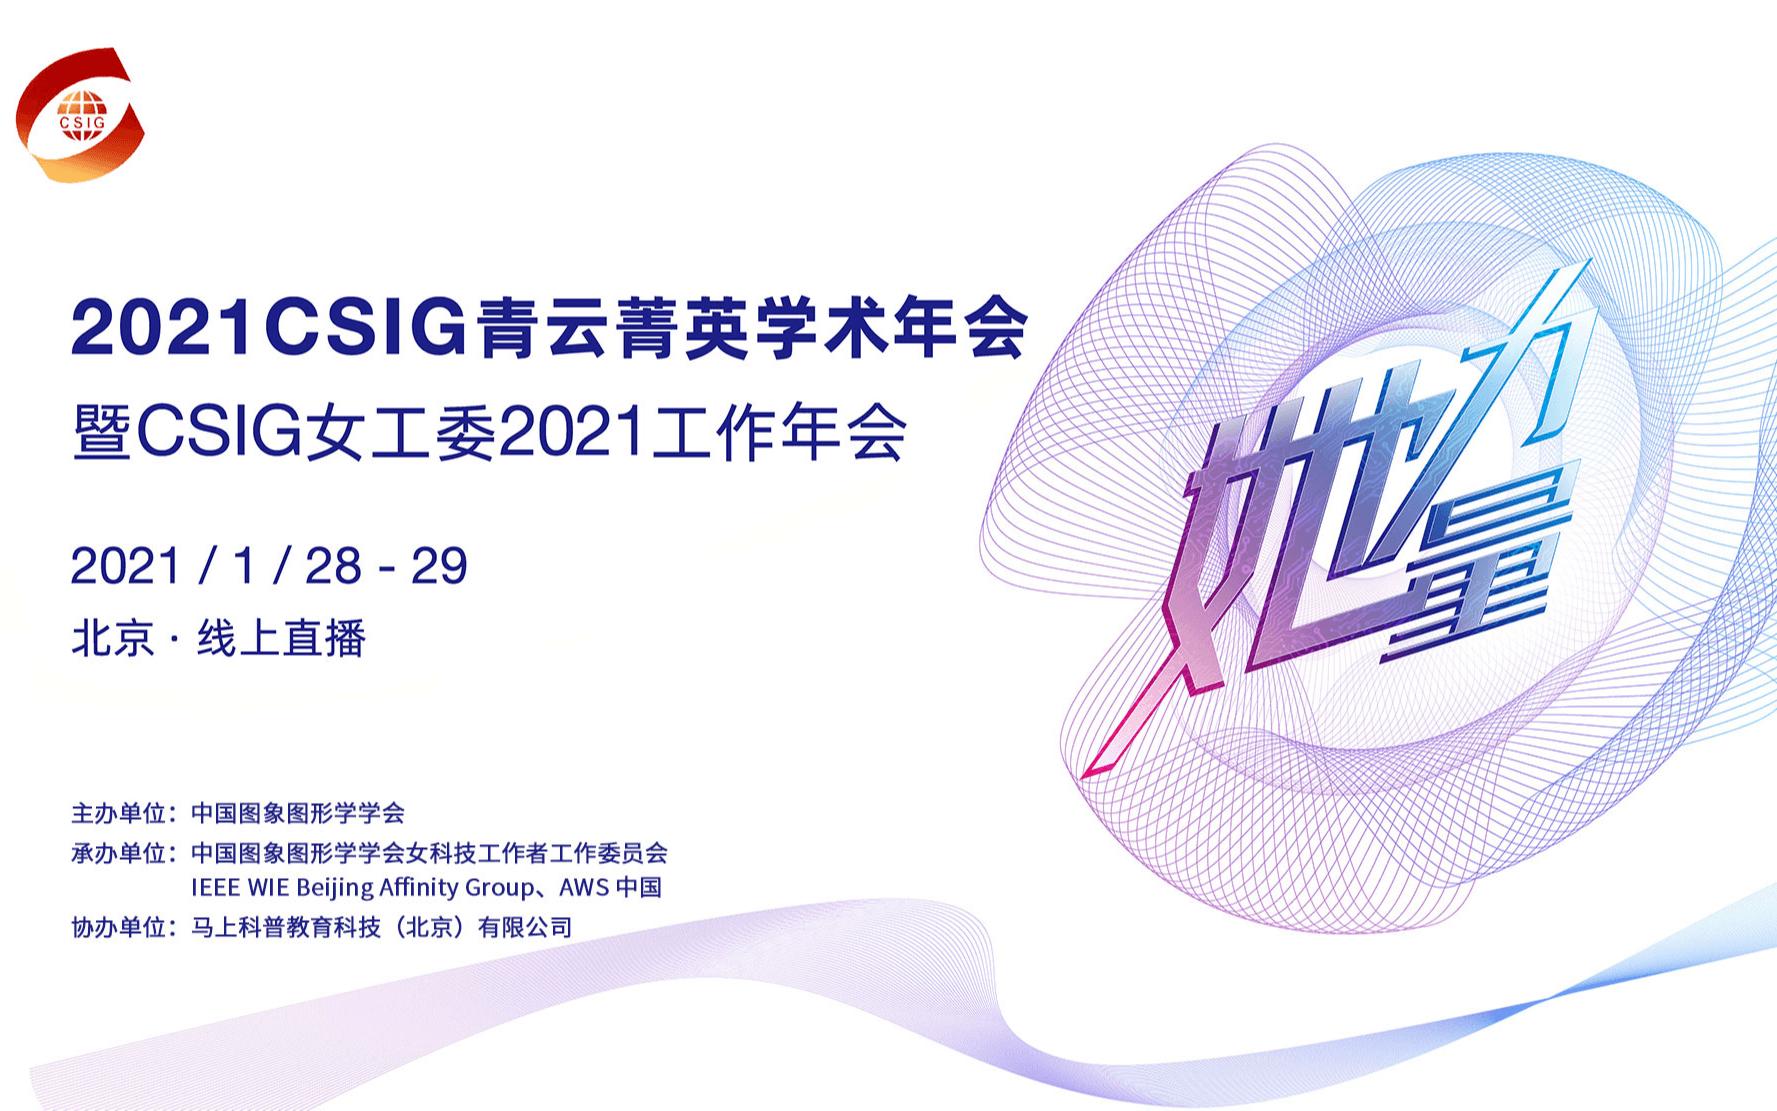 2021 CSIG 青云菁英学术年会 (暨CSIG女工委工作年会)